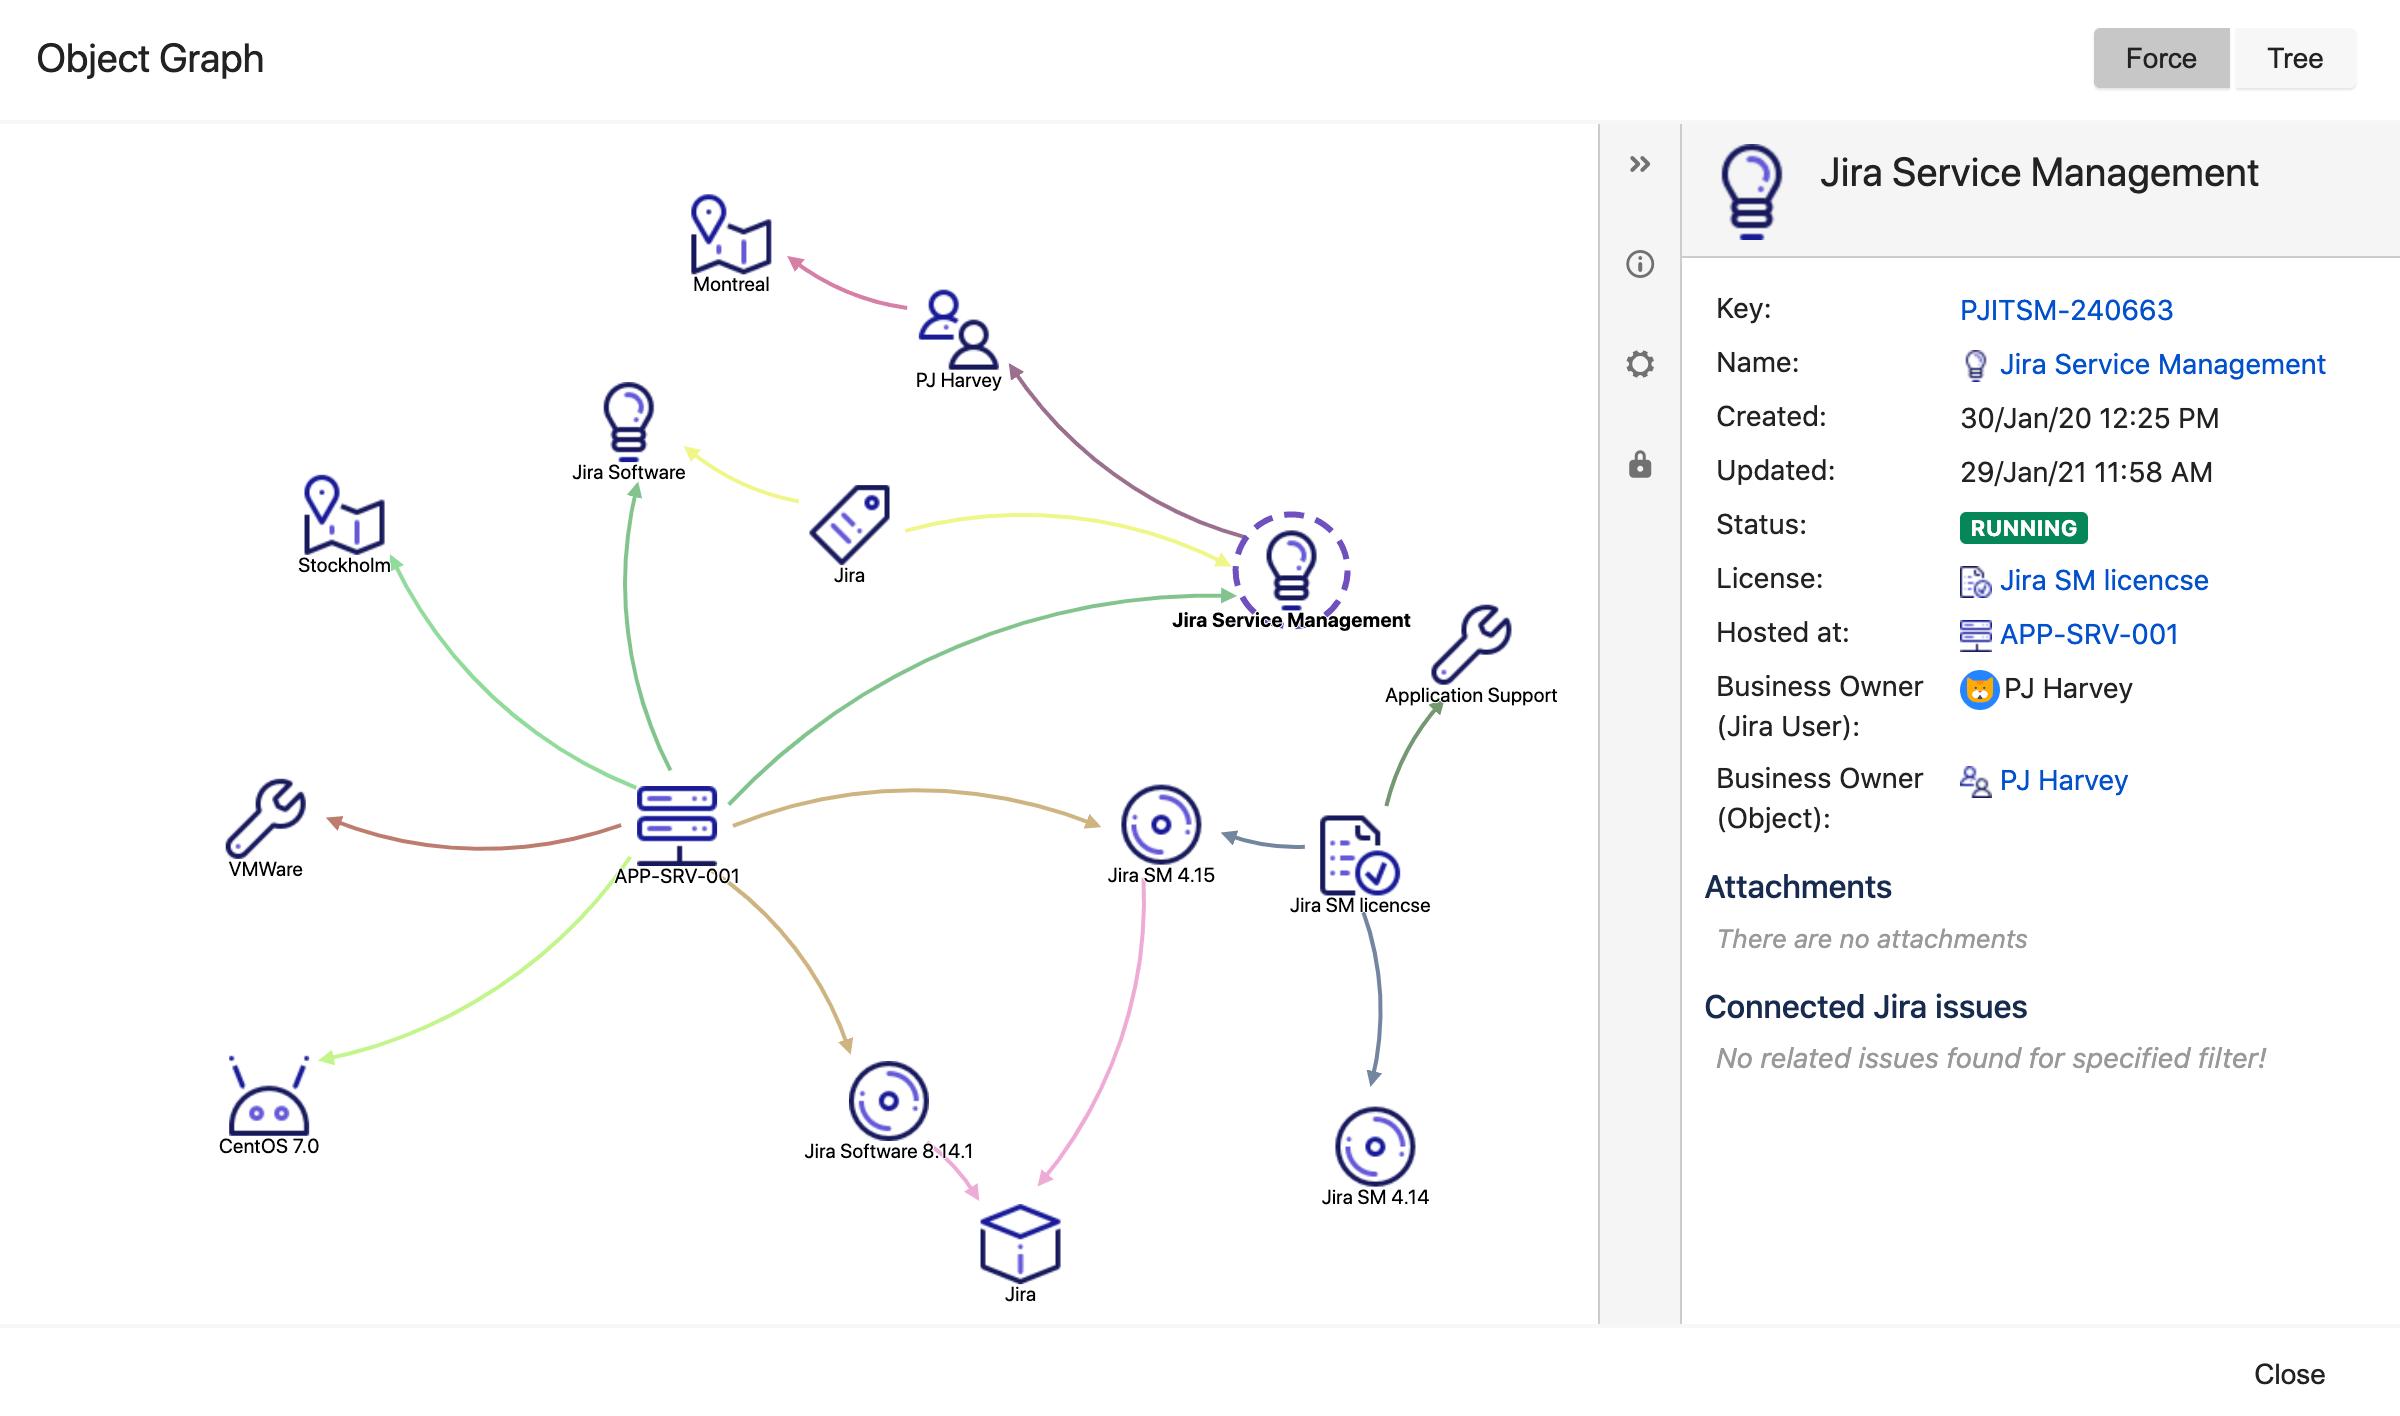 """Ventana del visor gráfico de Insight con el objeto """"Jira Service Management"""". Muestra dependencias como los hosts en los que se encuentra, su sistema operativo, las versiones de Jira que se necesitan y la licencia."""